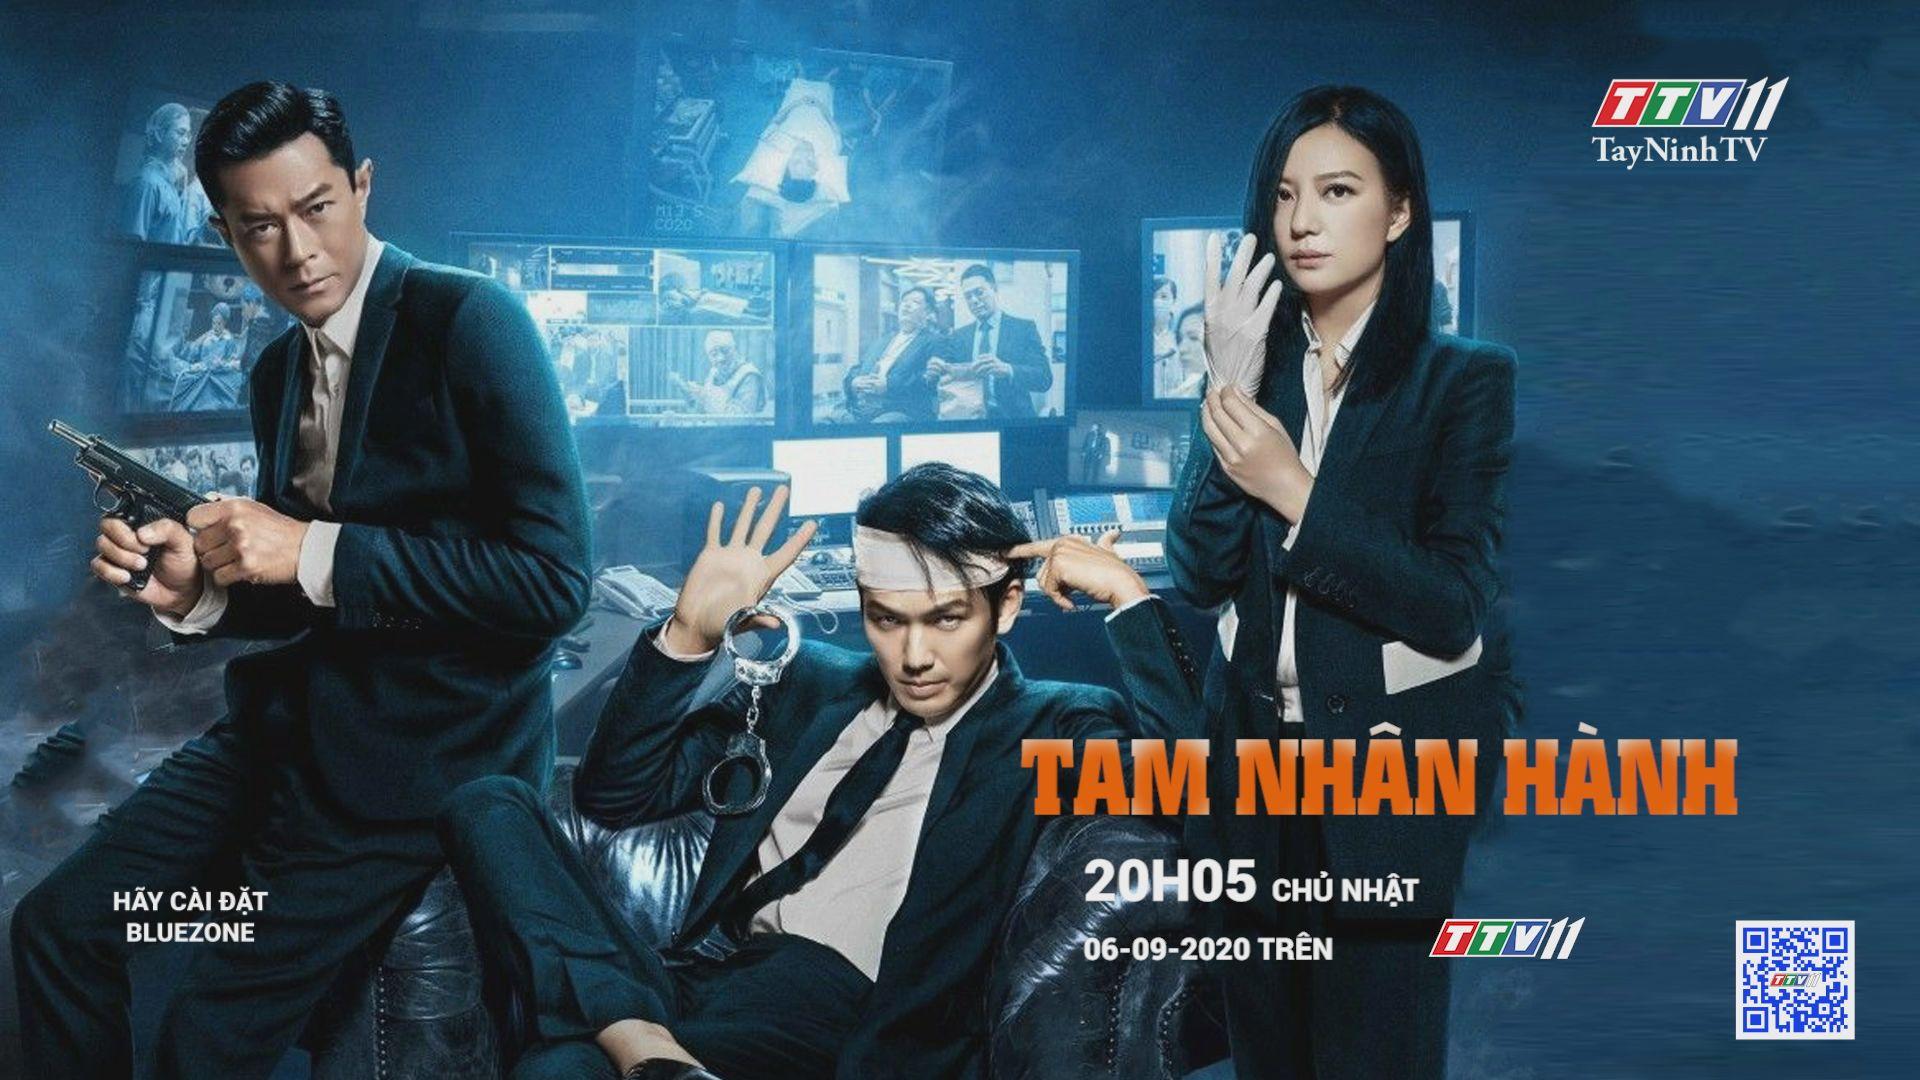 Phim TAM NHÂN HÀNH-Trailer | Phim hay cuối tuần | TayNinhTV